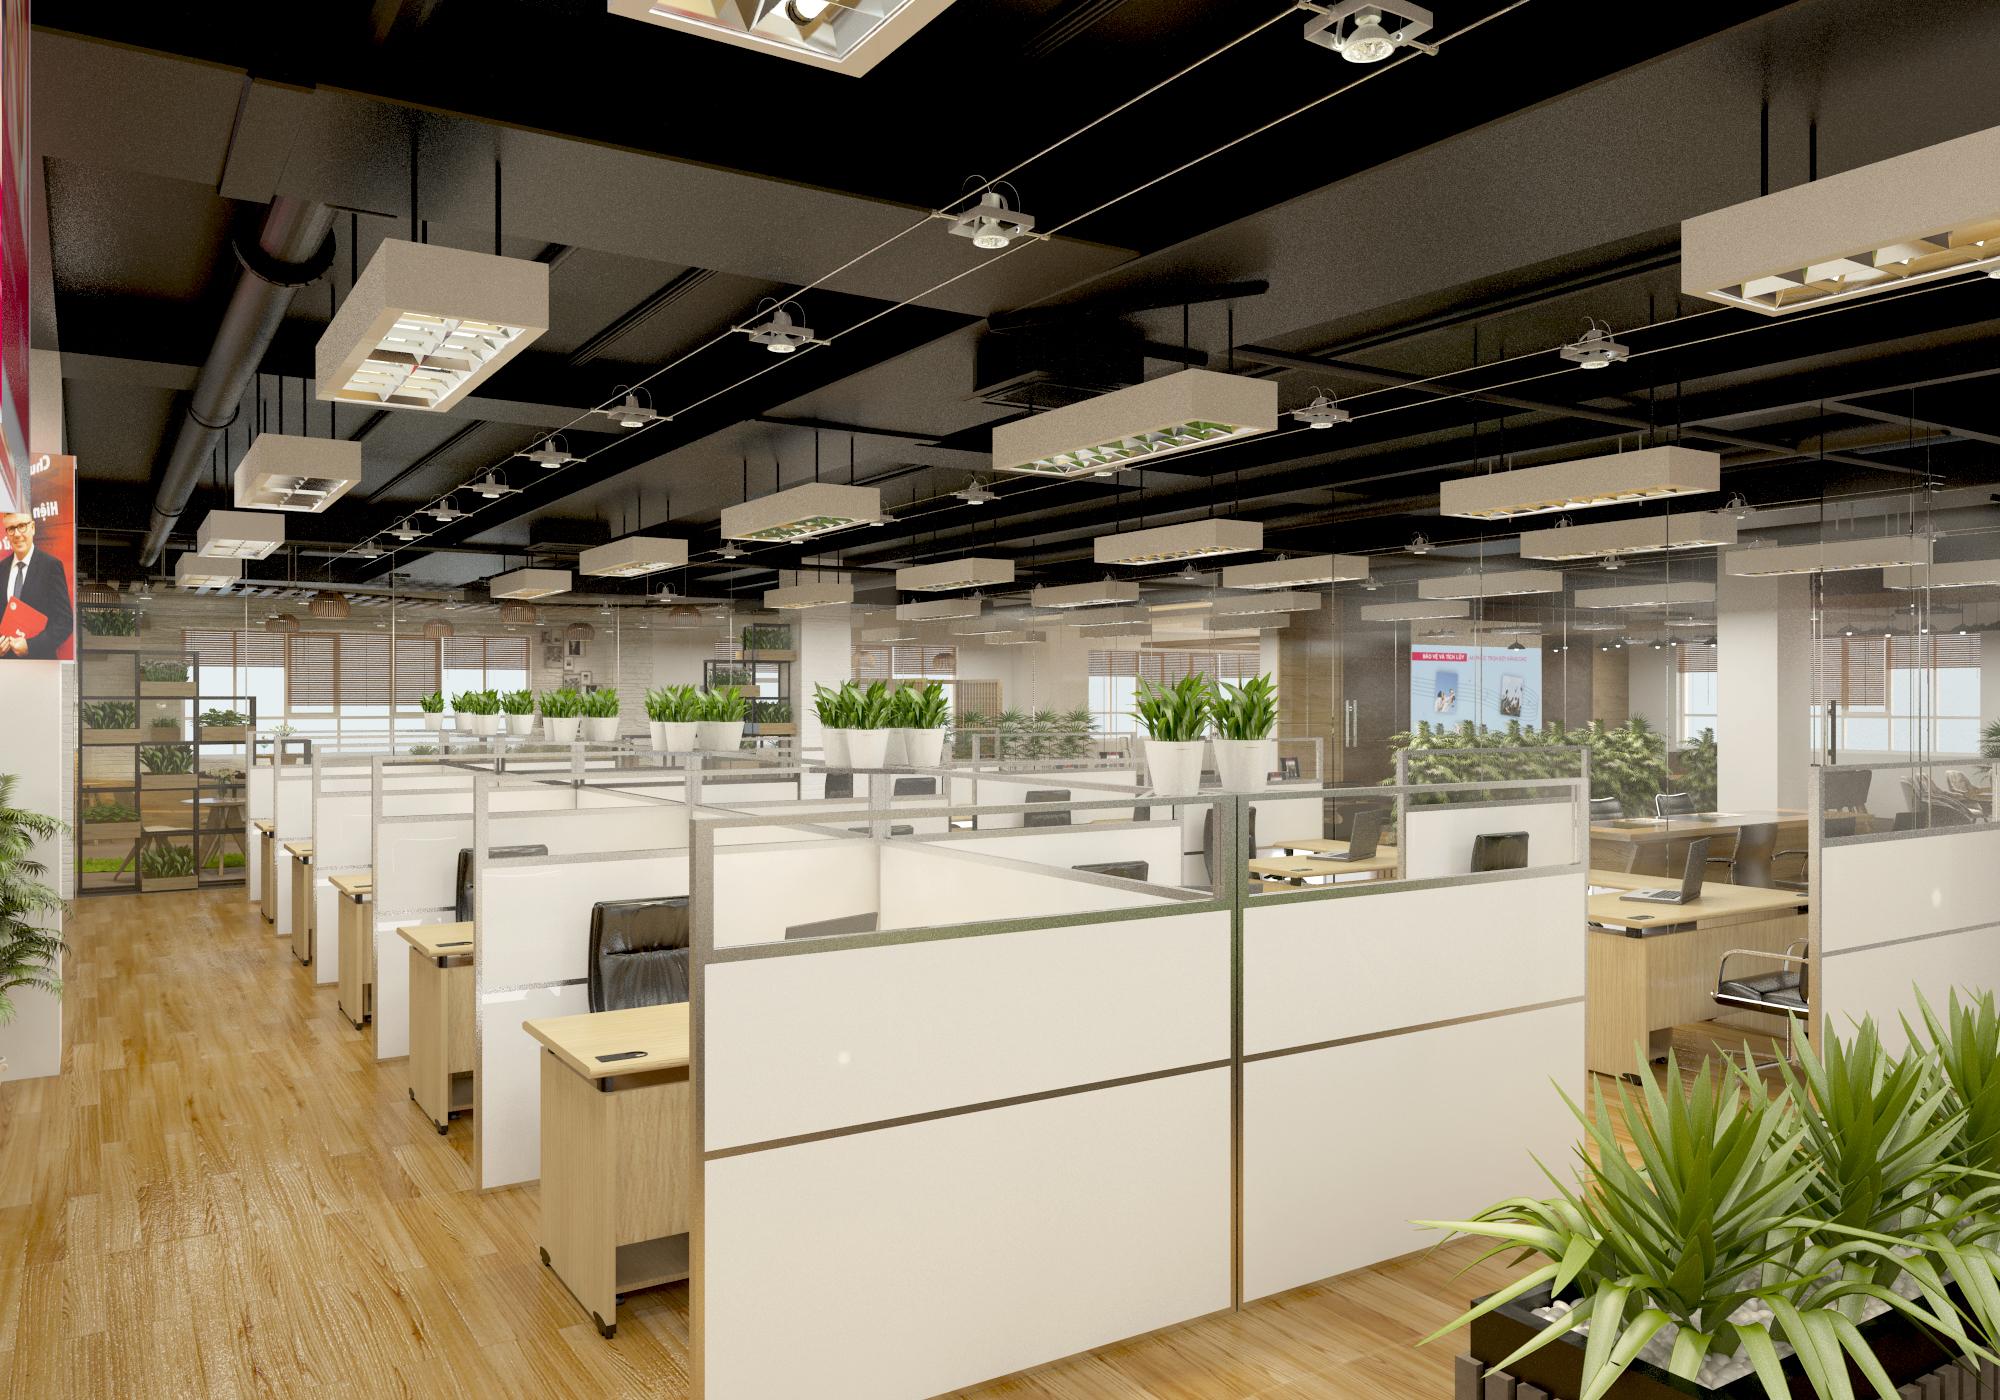 thiết kế nội thất Văn Phòng tại Hà Tĩnh Văn phòng AIA - Hà Tĩnh 1 1568277191